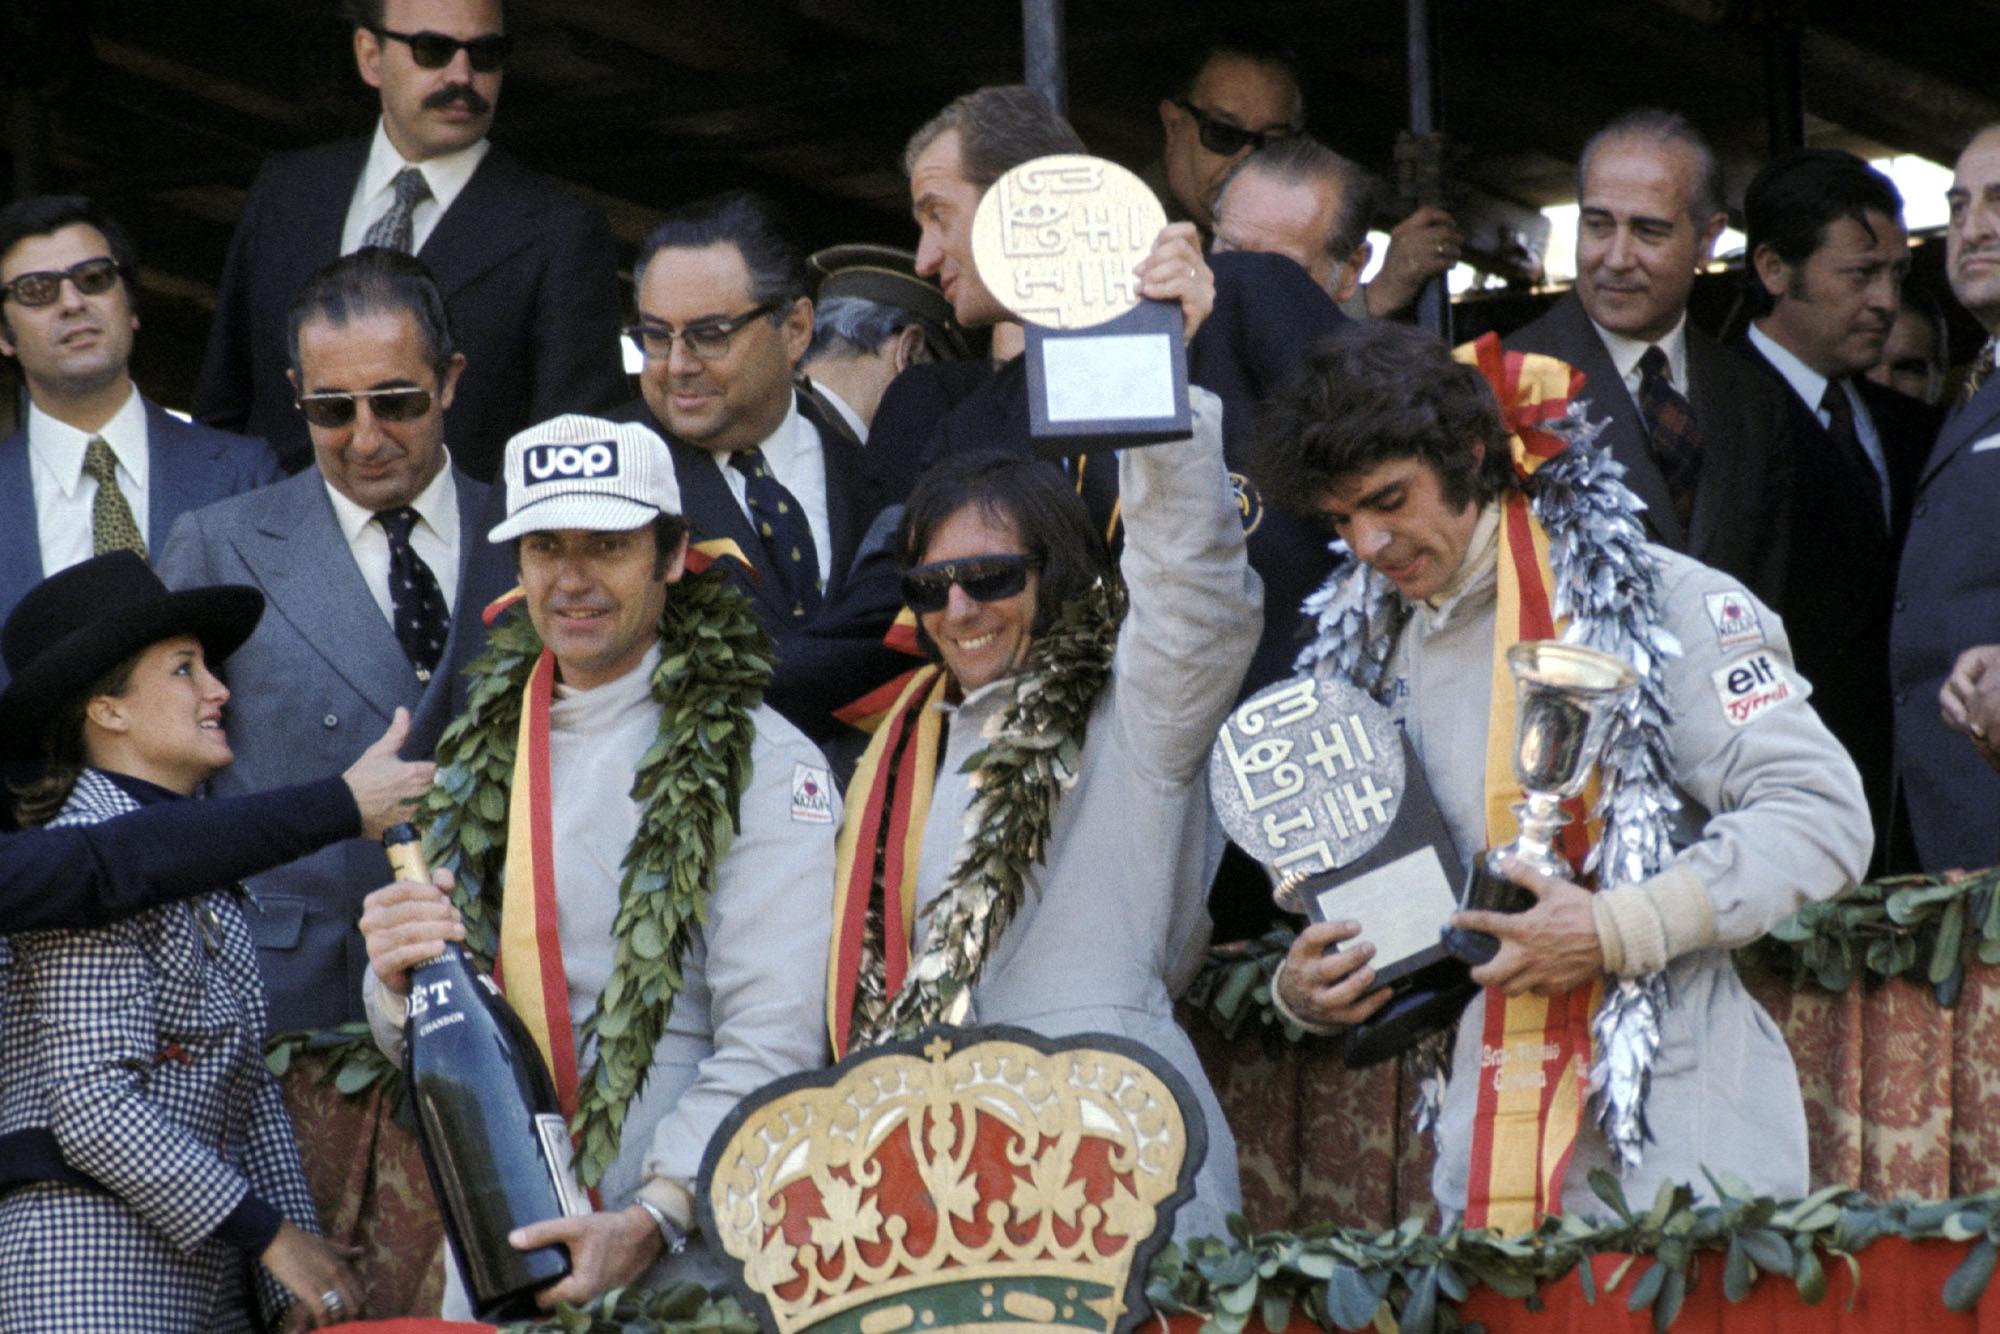 Emerson Fittipaldi celebrates his win at the 1973 Spanish Grand Prix, Montjuïch Park.